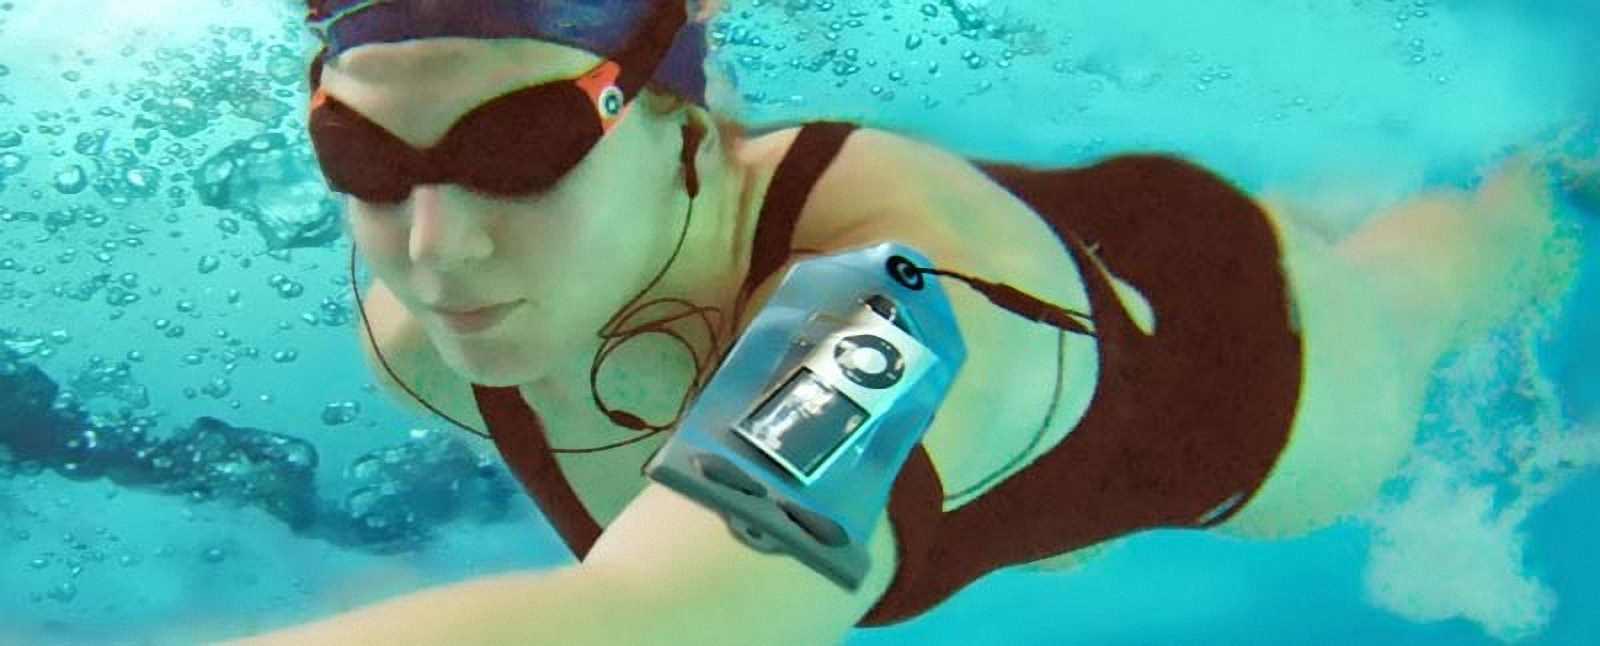 Водонепроницаемый чехол Aquapac 518 - Connected Electronics Case.. Aquapac - №1 в мире водонепроницаемых чехлов и сумок. Фото 4